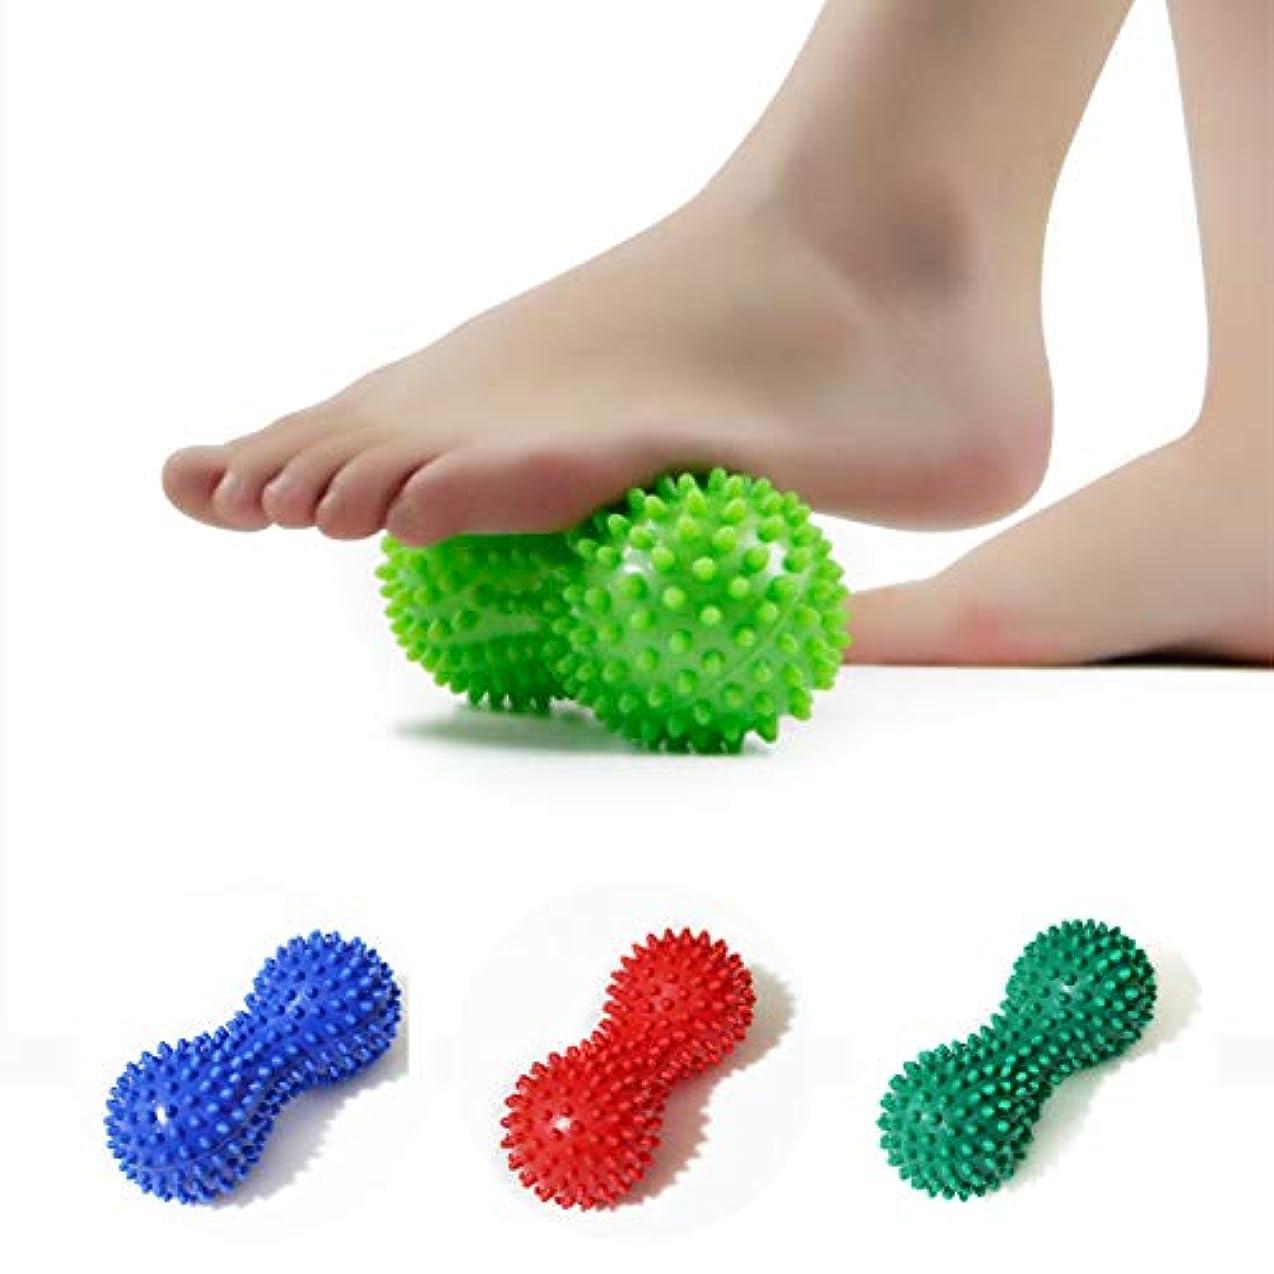 難破船小川データPeanut Shape Massage Yoga Sport Fitness Ball Durable PVC Stress Relief Body Hand Foot Spiky Massager Trigger Point...